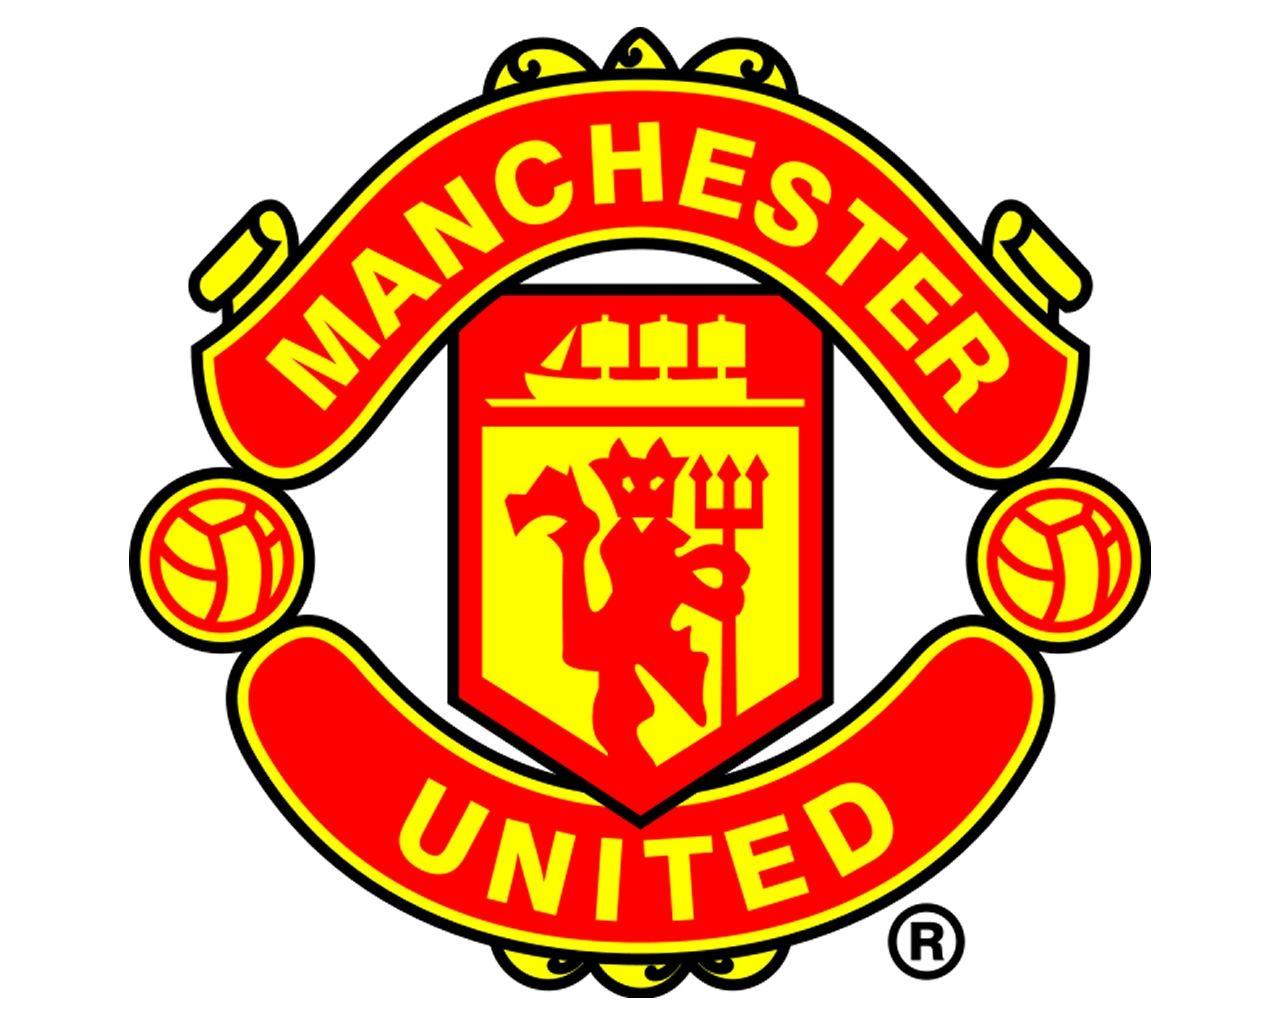 manchester united (Inglaterra) Camiseta manchester united